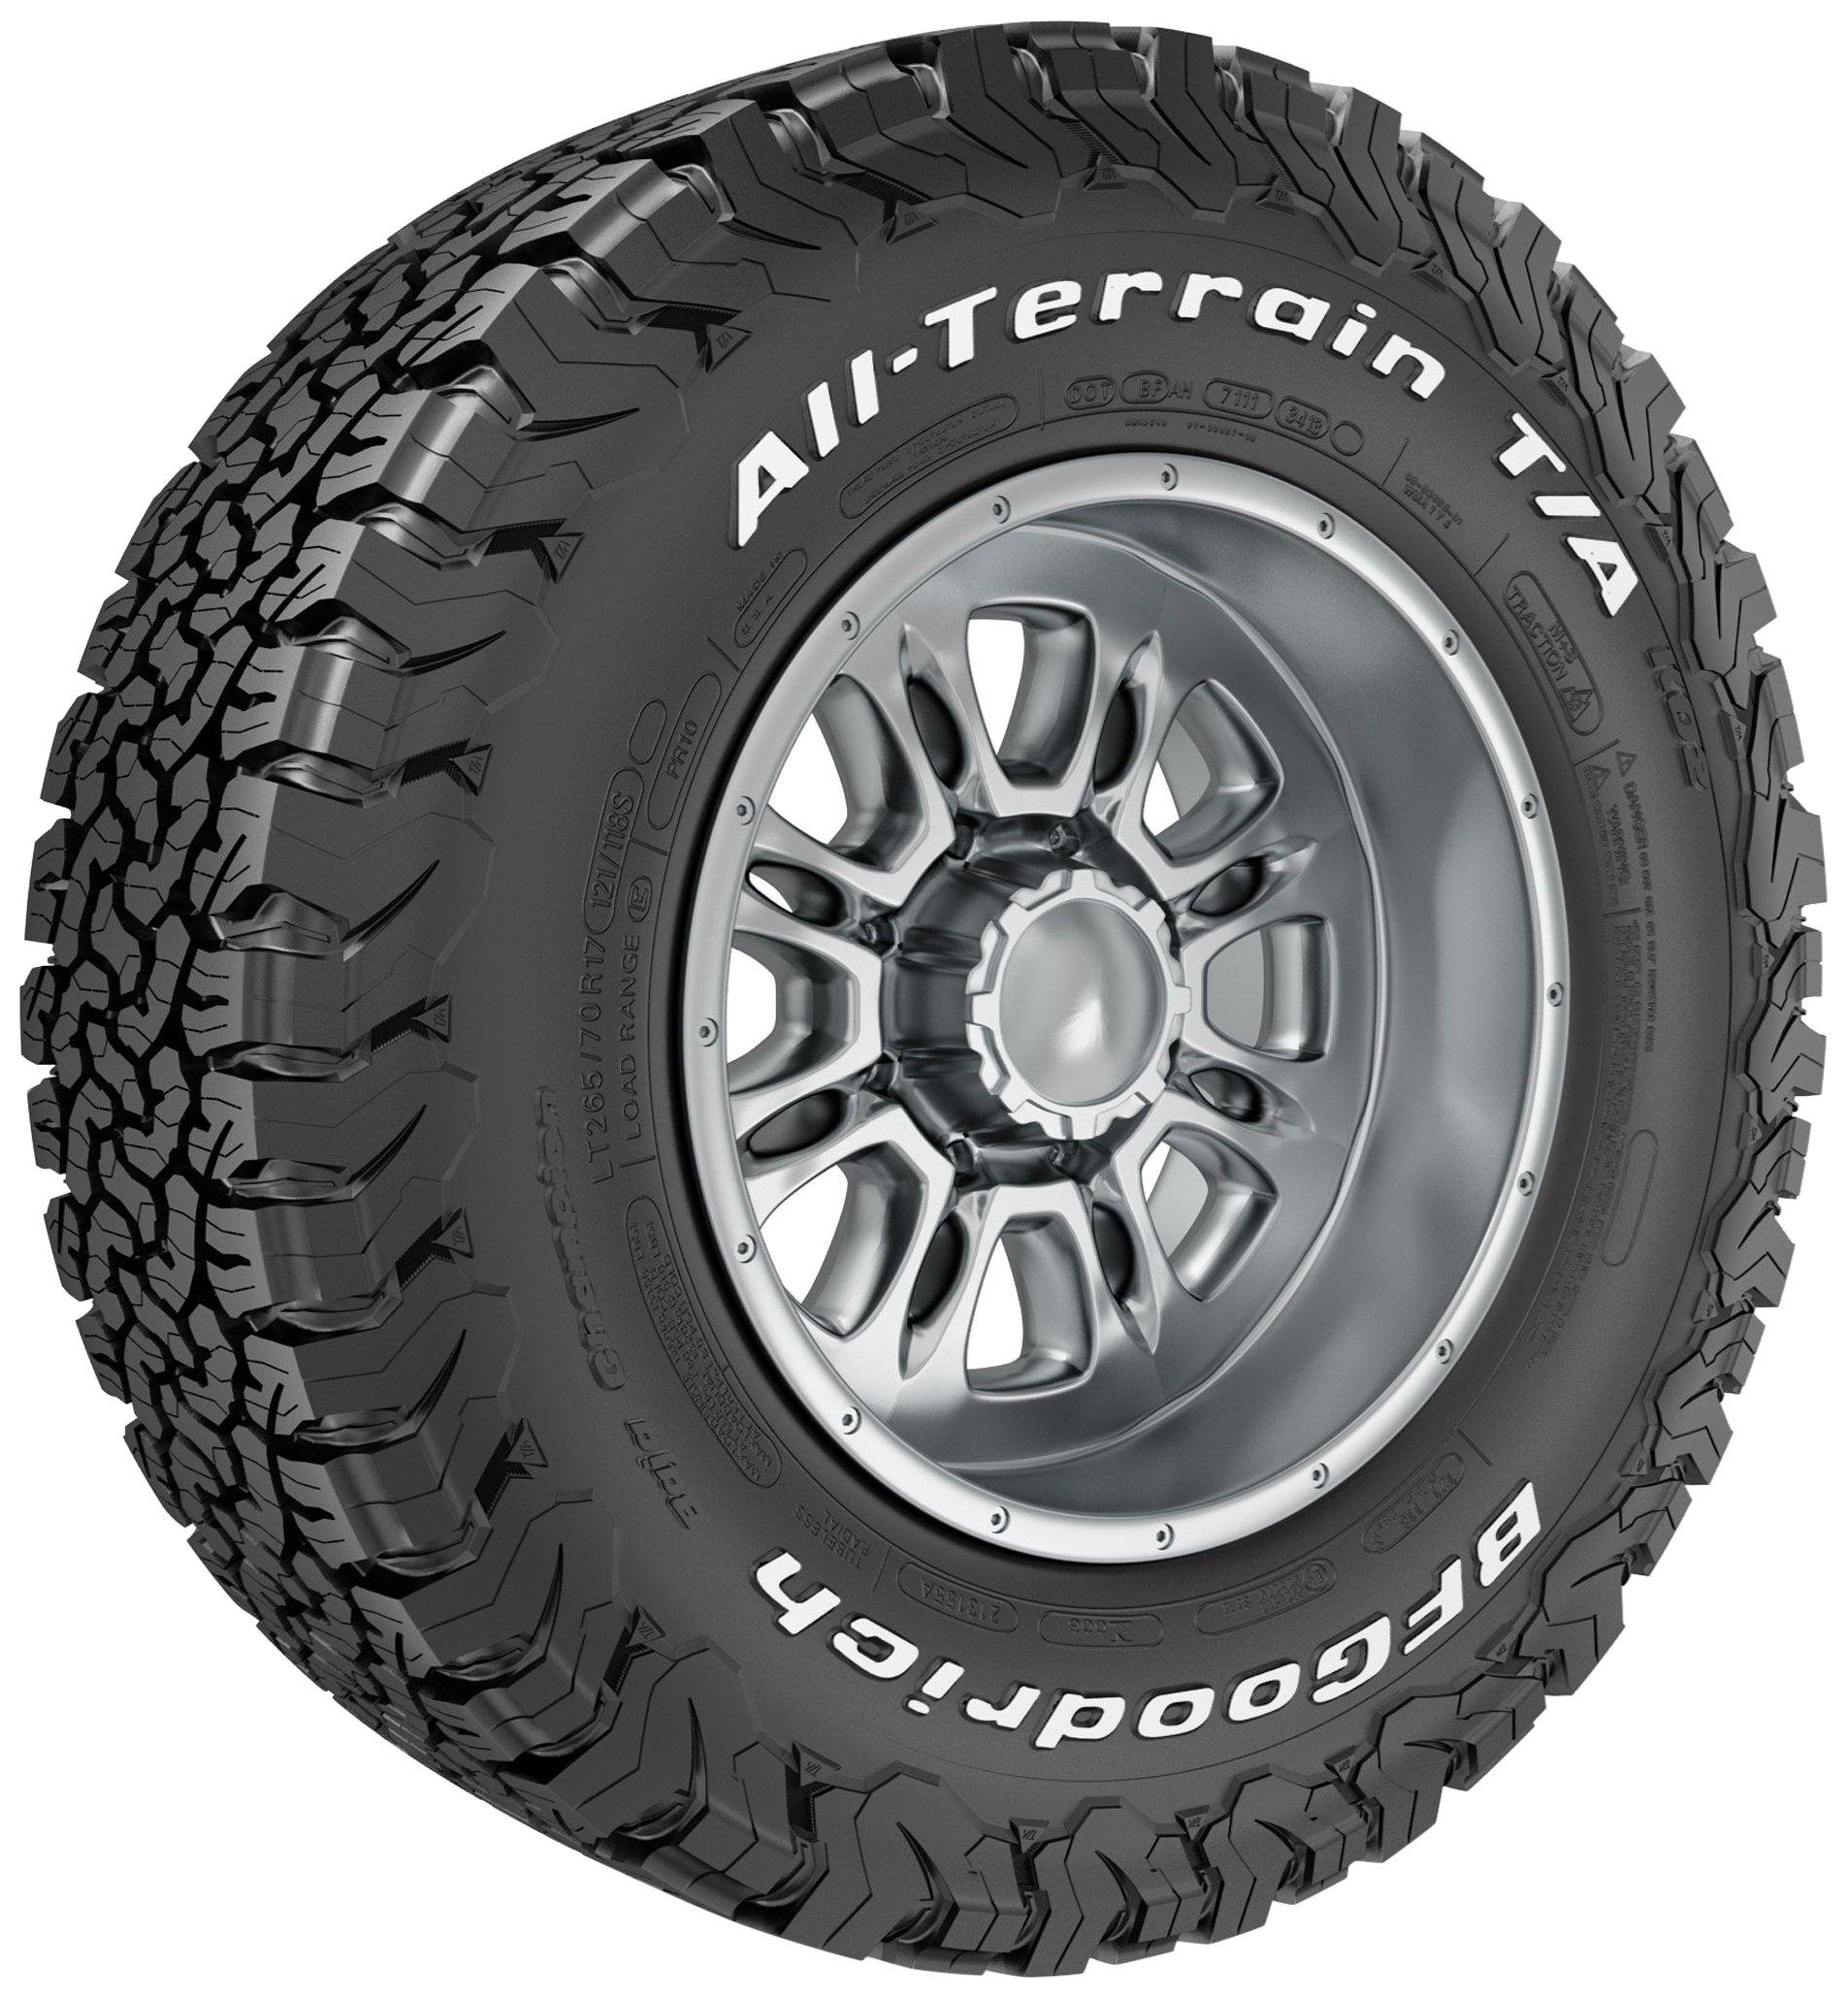 BF Goodrich All Terrain T/A KO8 M+S - 885/8R8 8S - All-Season Tire